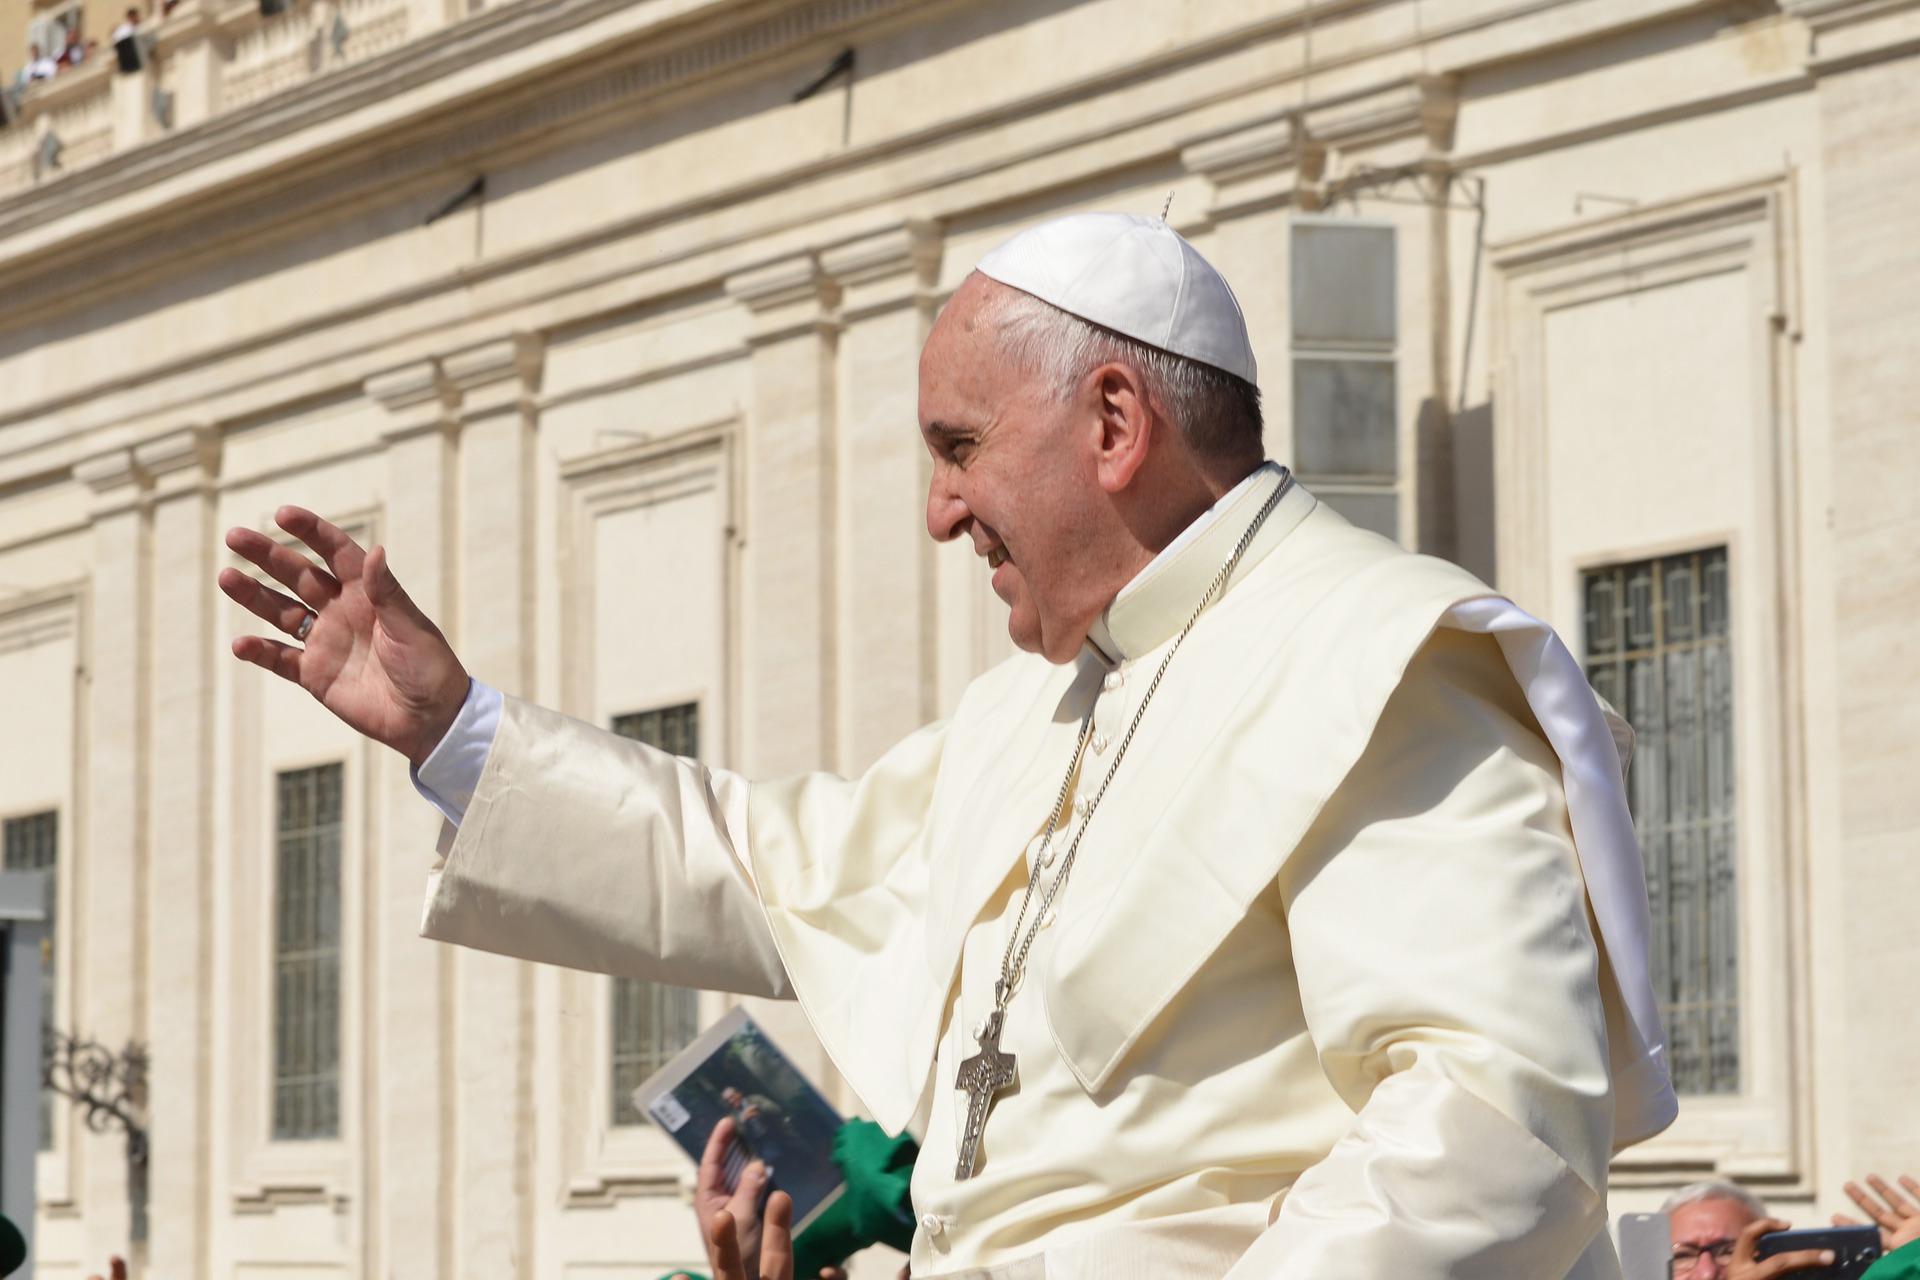 El Vaticano reforma las leyes canónicas criminalizando el abuso sexual12 - El Vaticano reforma las leyes canónicas criminalizando el abuso sexual